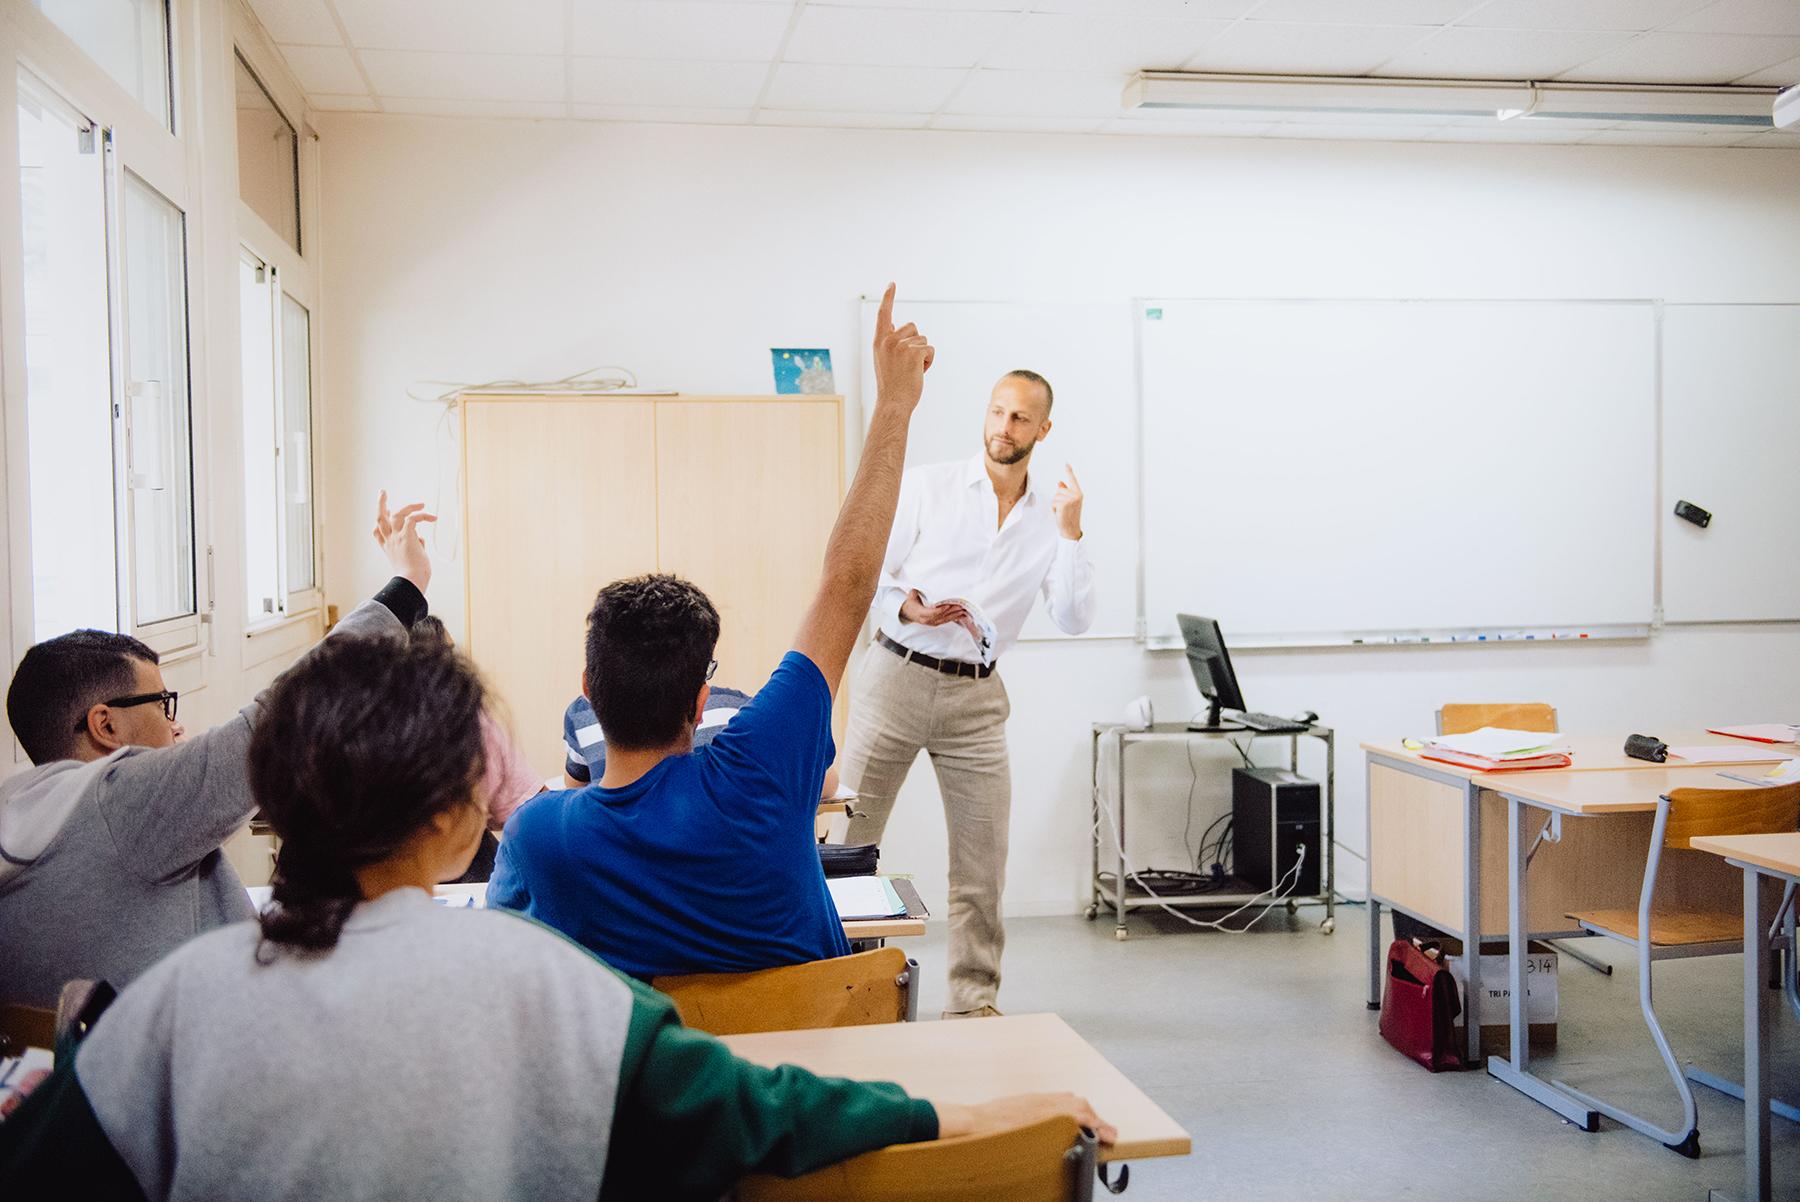 Le choix de l'école - Réussir votre entrée dans l'enseignement